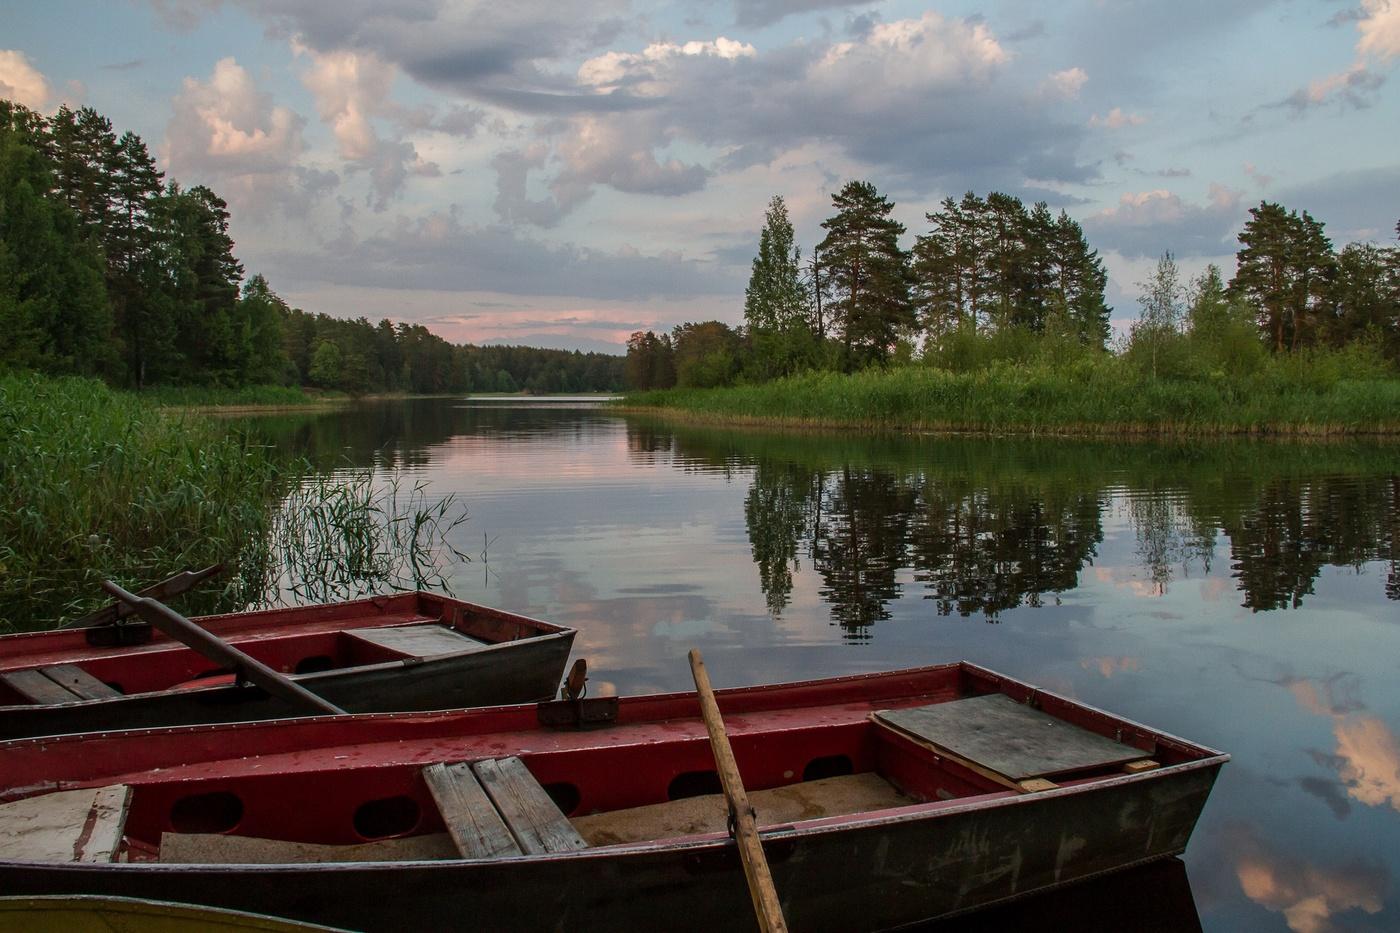 следует учитывать святое озеро нижегородская область фото содержит тридцать шесть